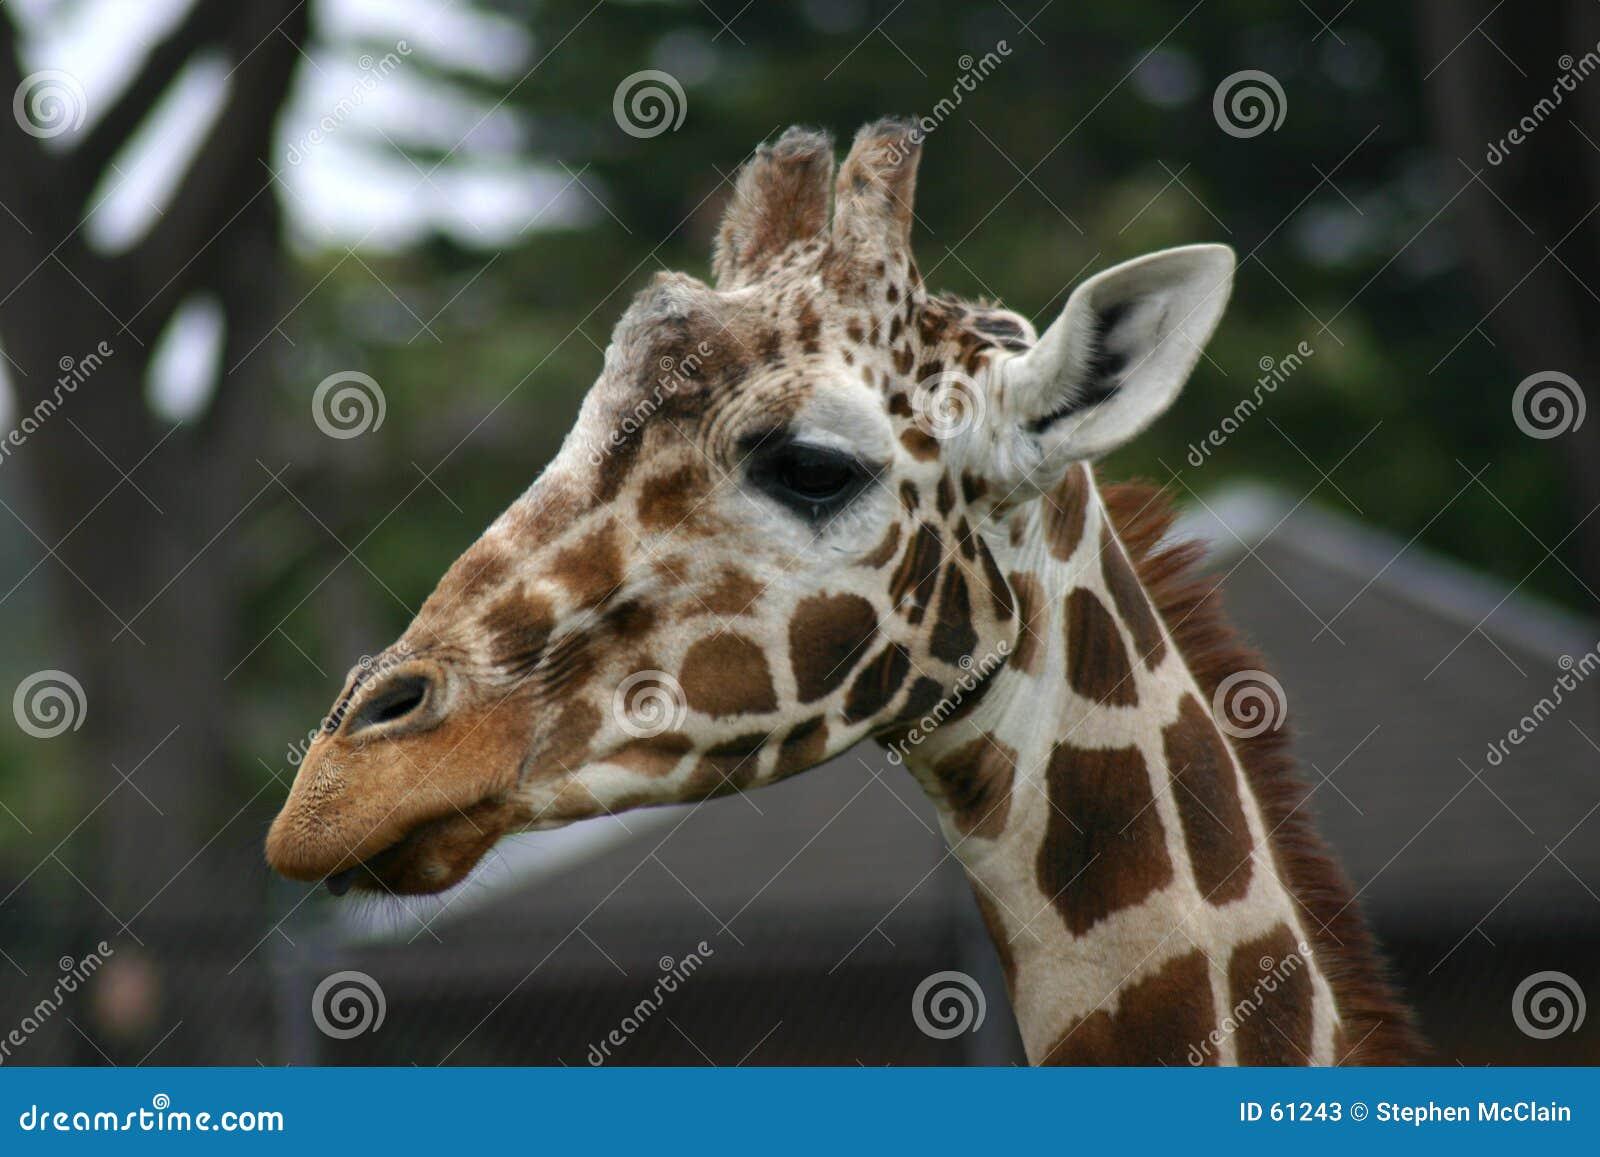 Pista de la jirafa